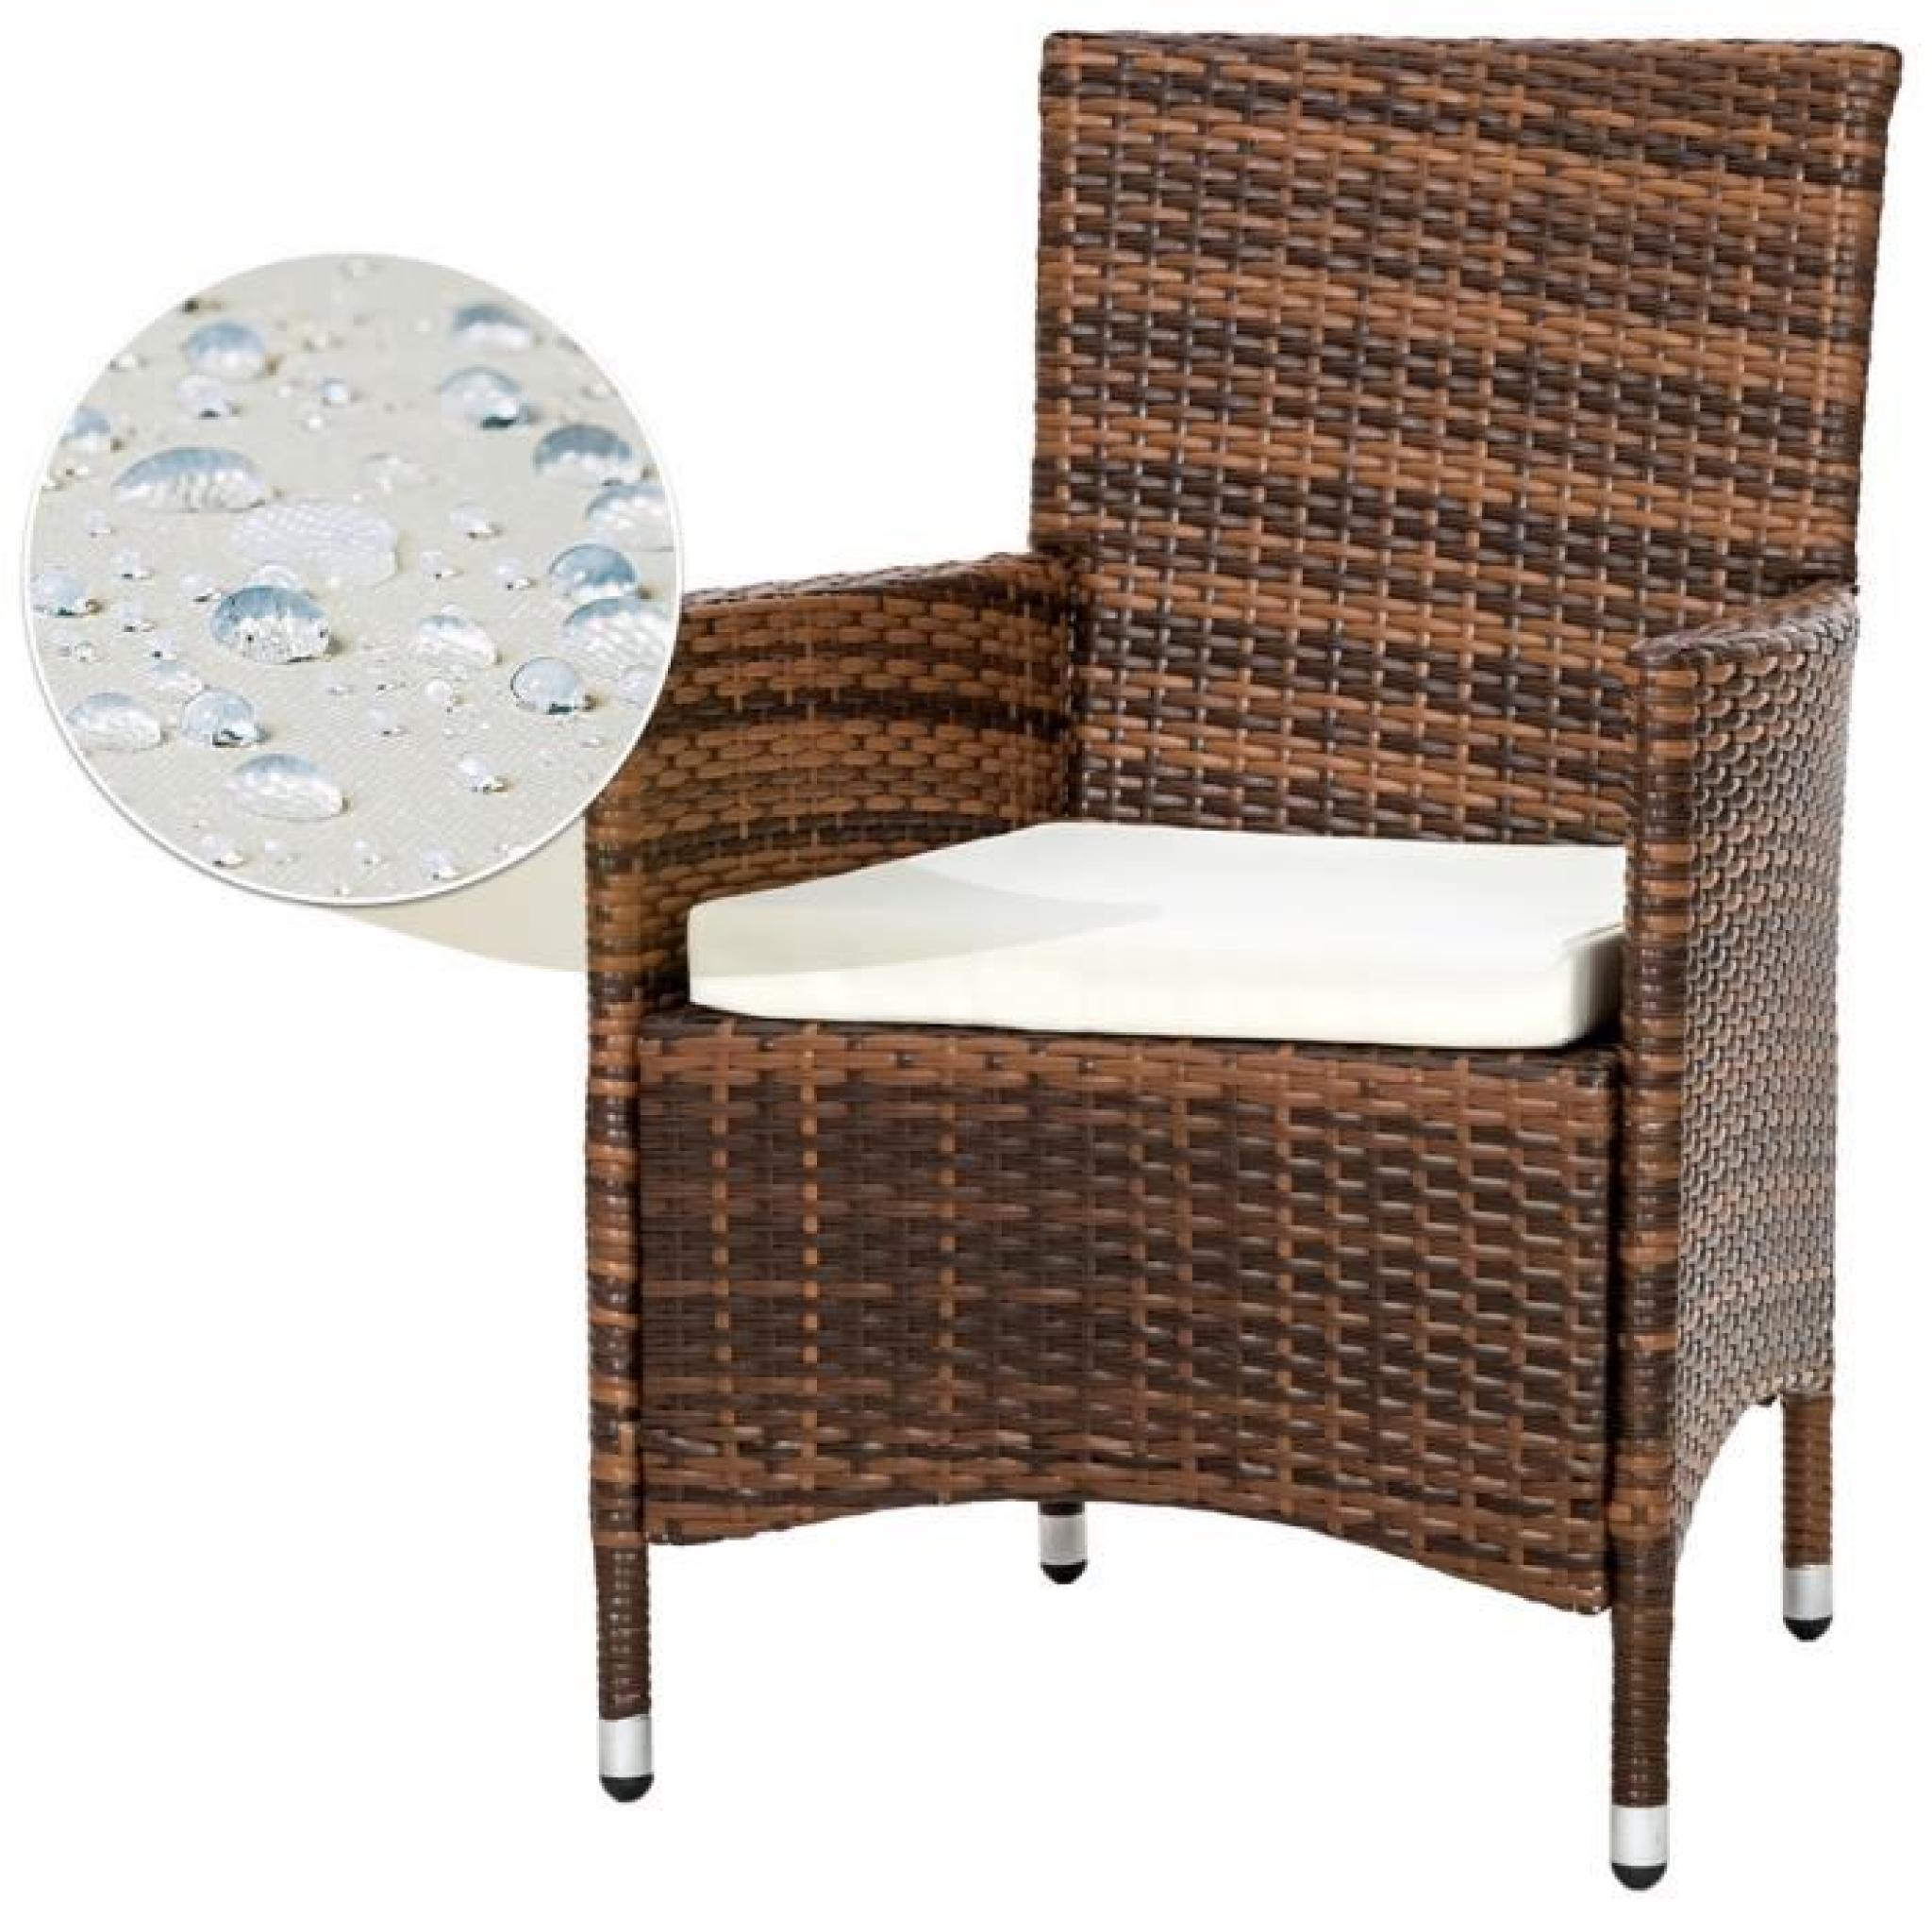 Salon de jardin aluminium poly rotin 8 chaises fauteuils et 1 table 2 sets de housses inclus - Salon de jardin poly rotin ...